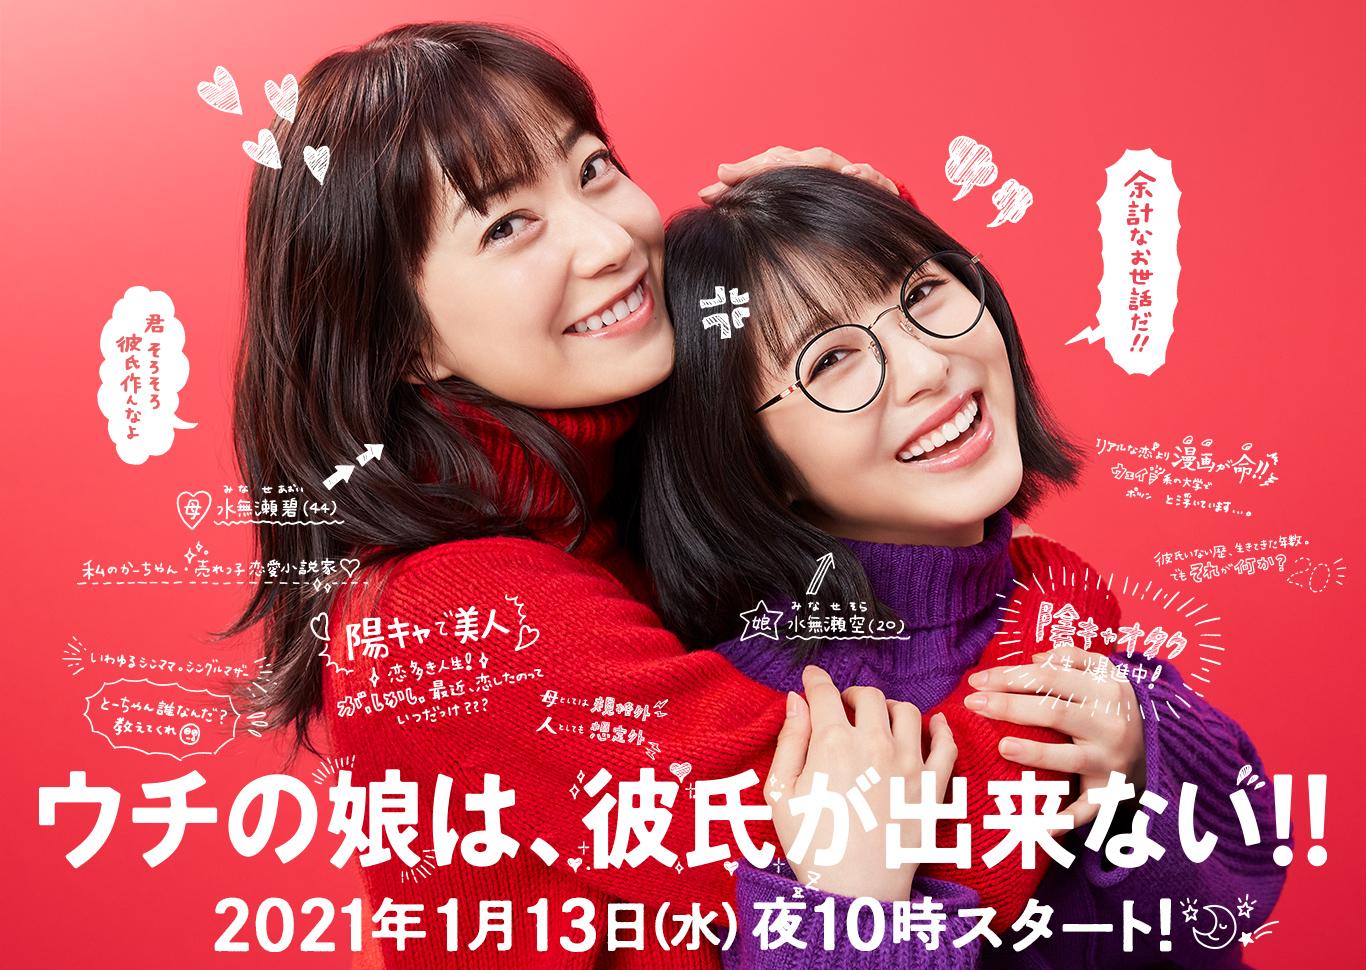 Drama Jepang romantis